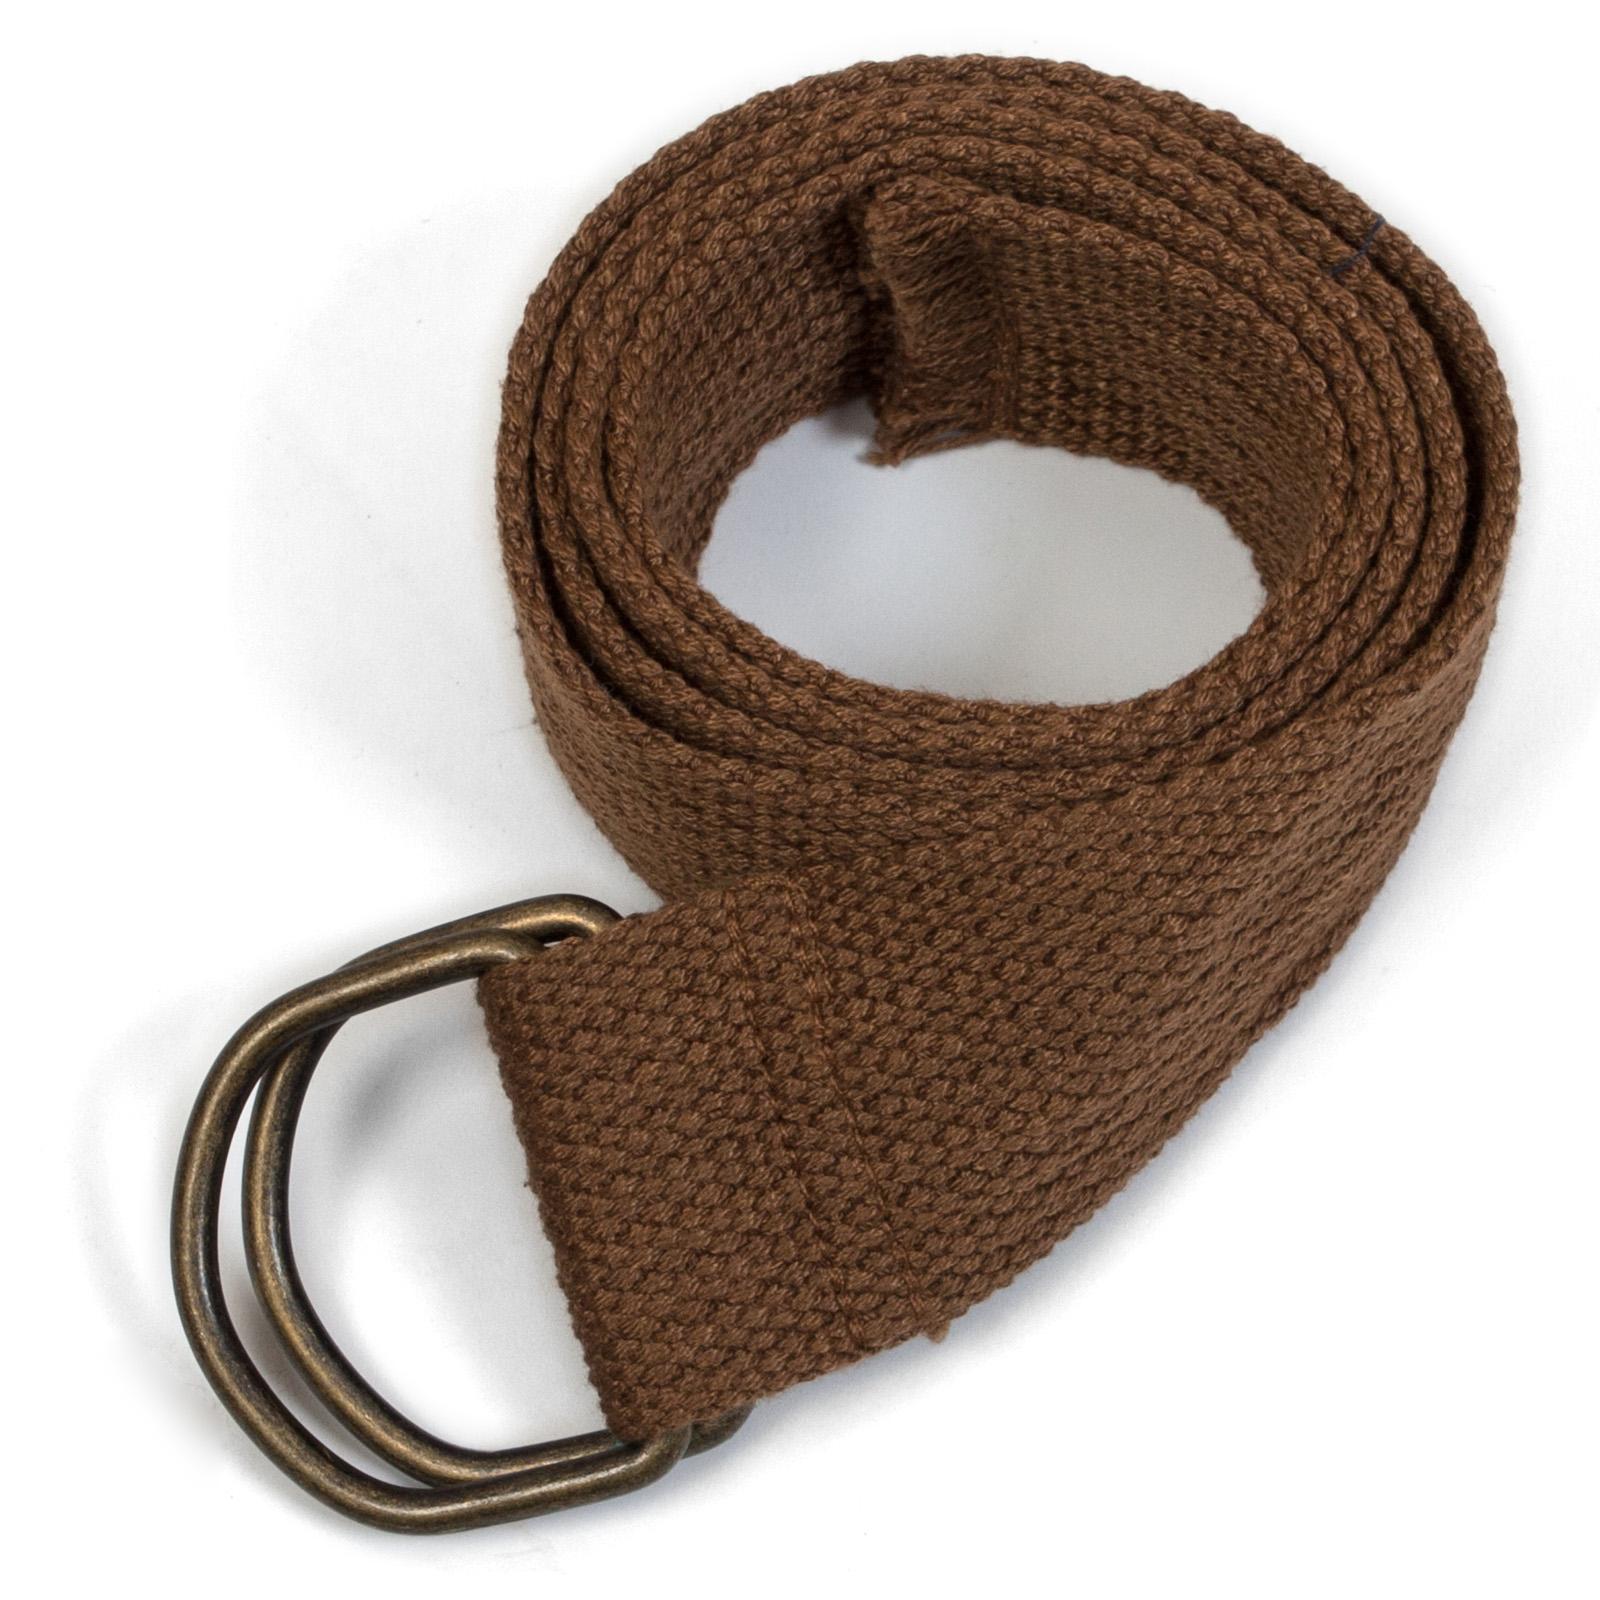 Купить ремень коричневый мужской по низкой цене в Военпро